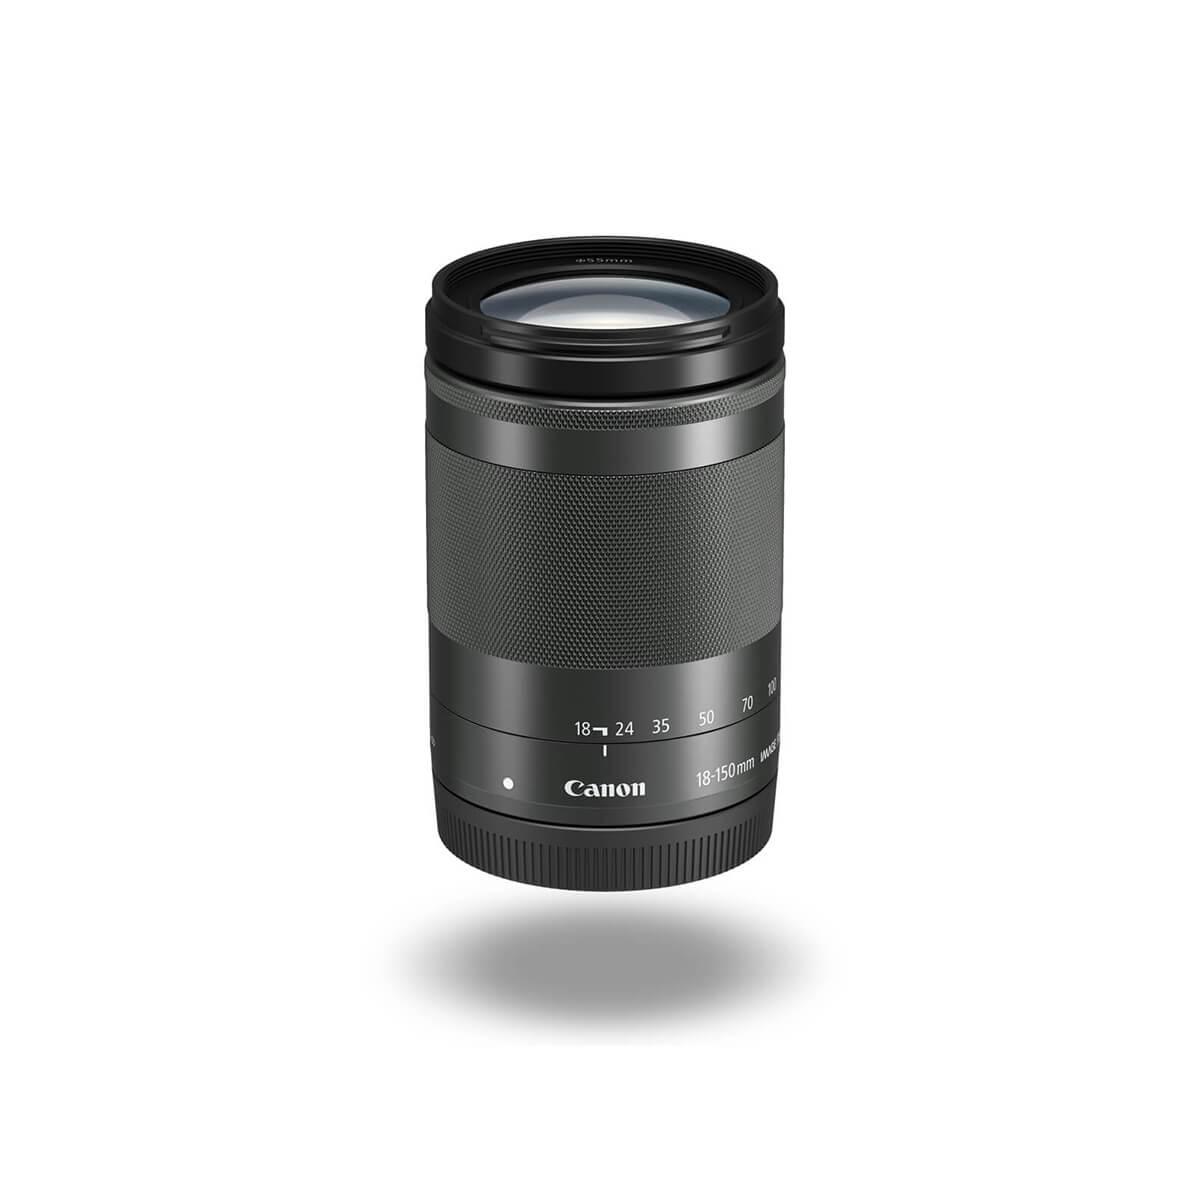 EF-M 18-150mm f/3.5-6.3 IS STM Lens